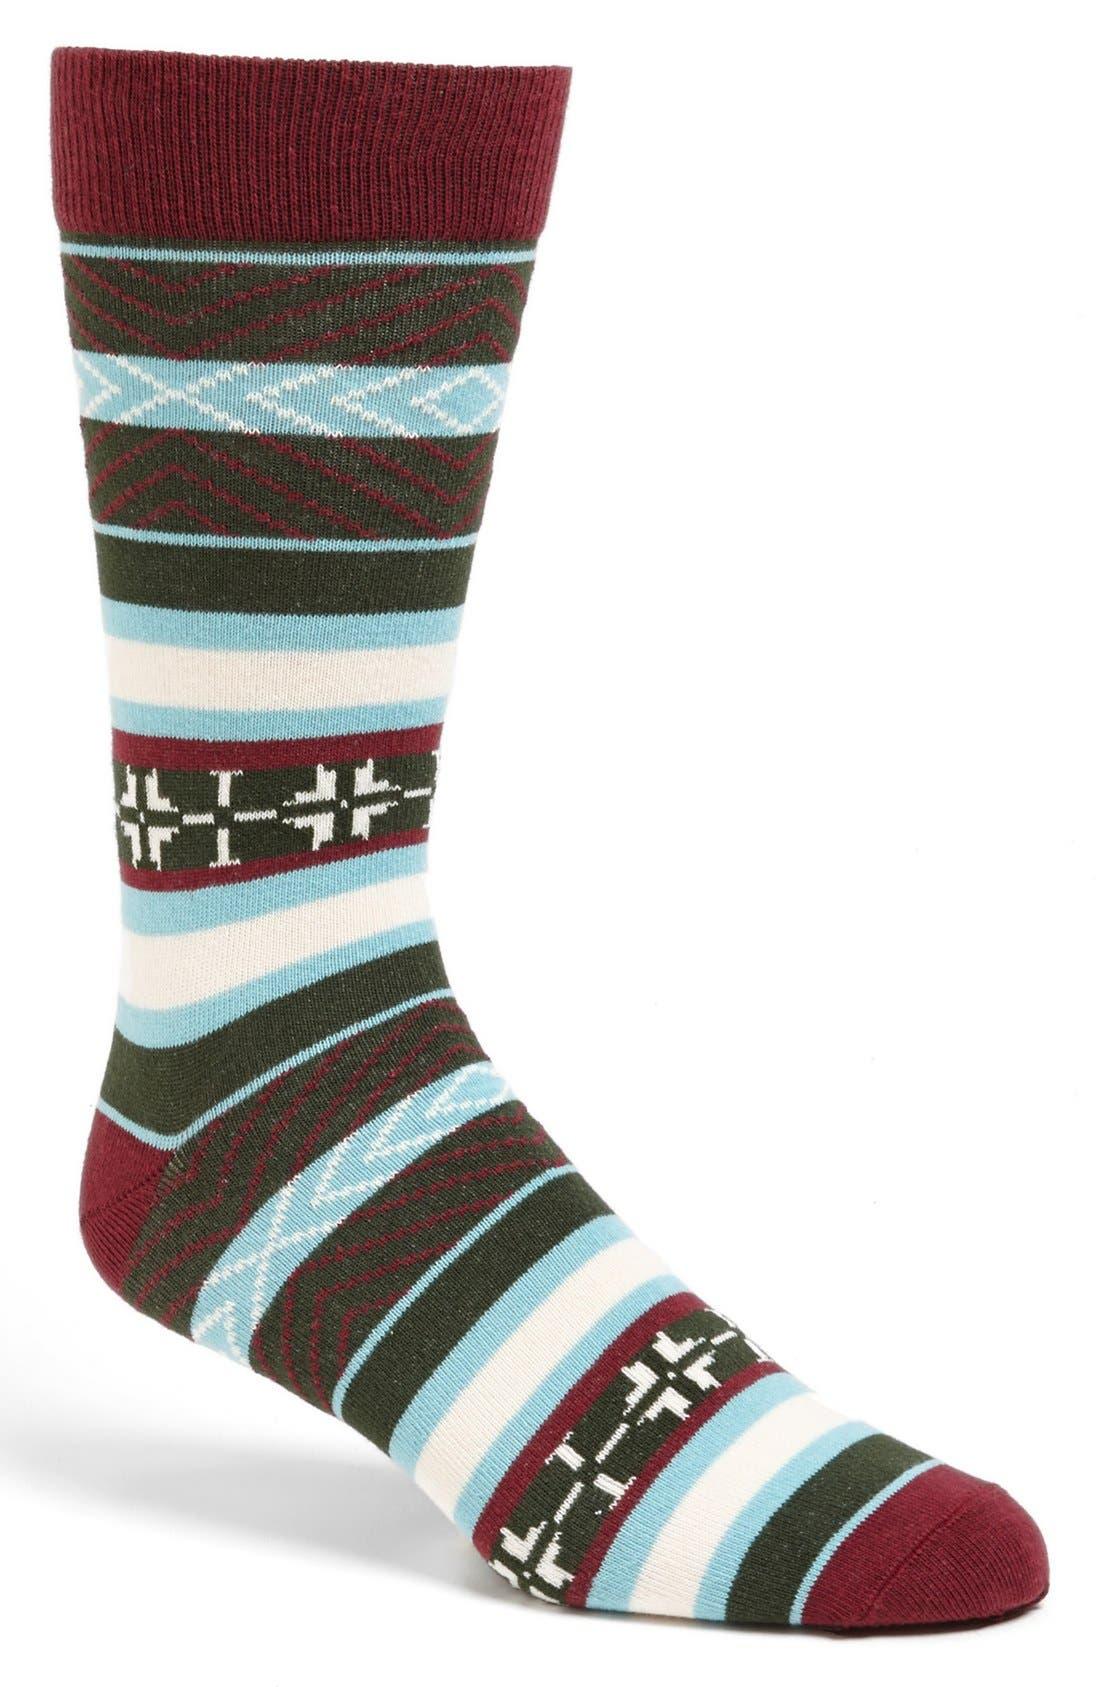 Main Image - Pact 'Fair Isle' Crew Socks